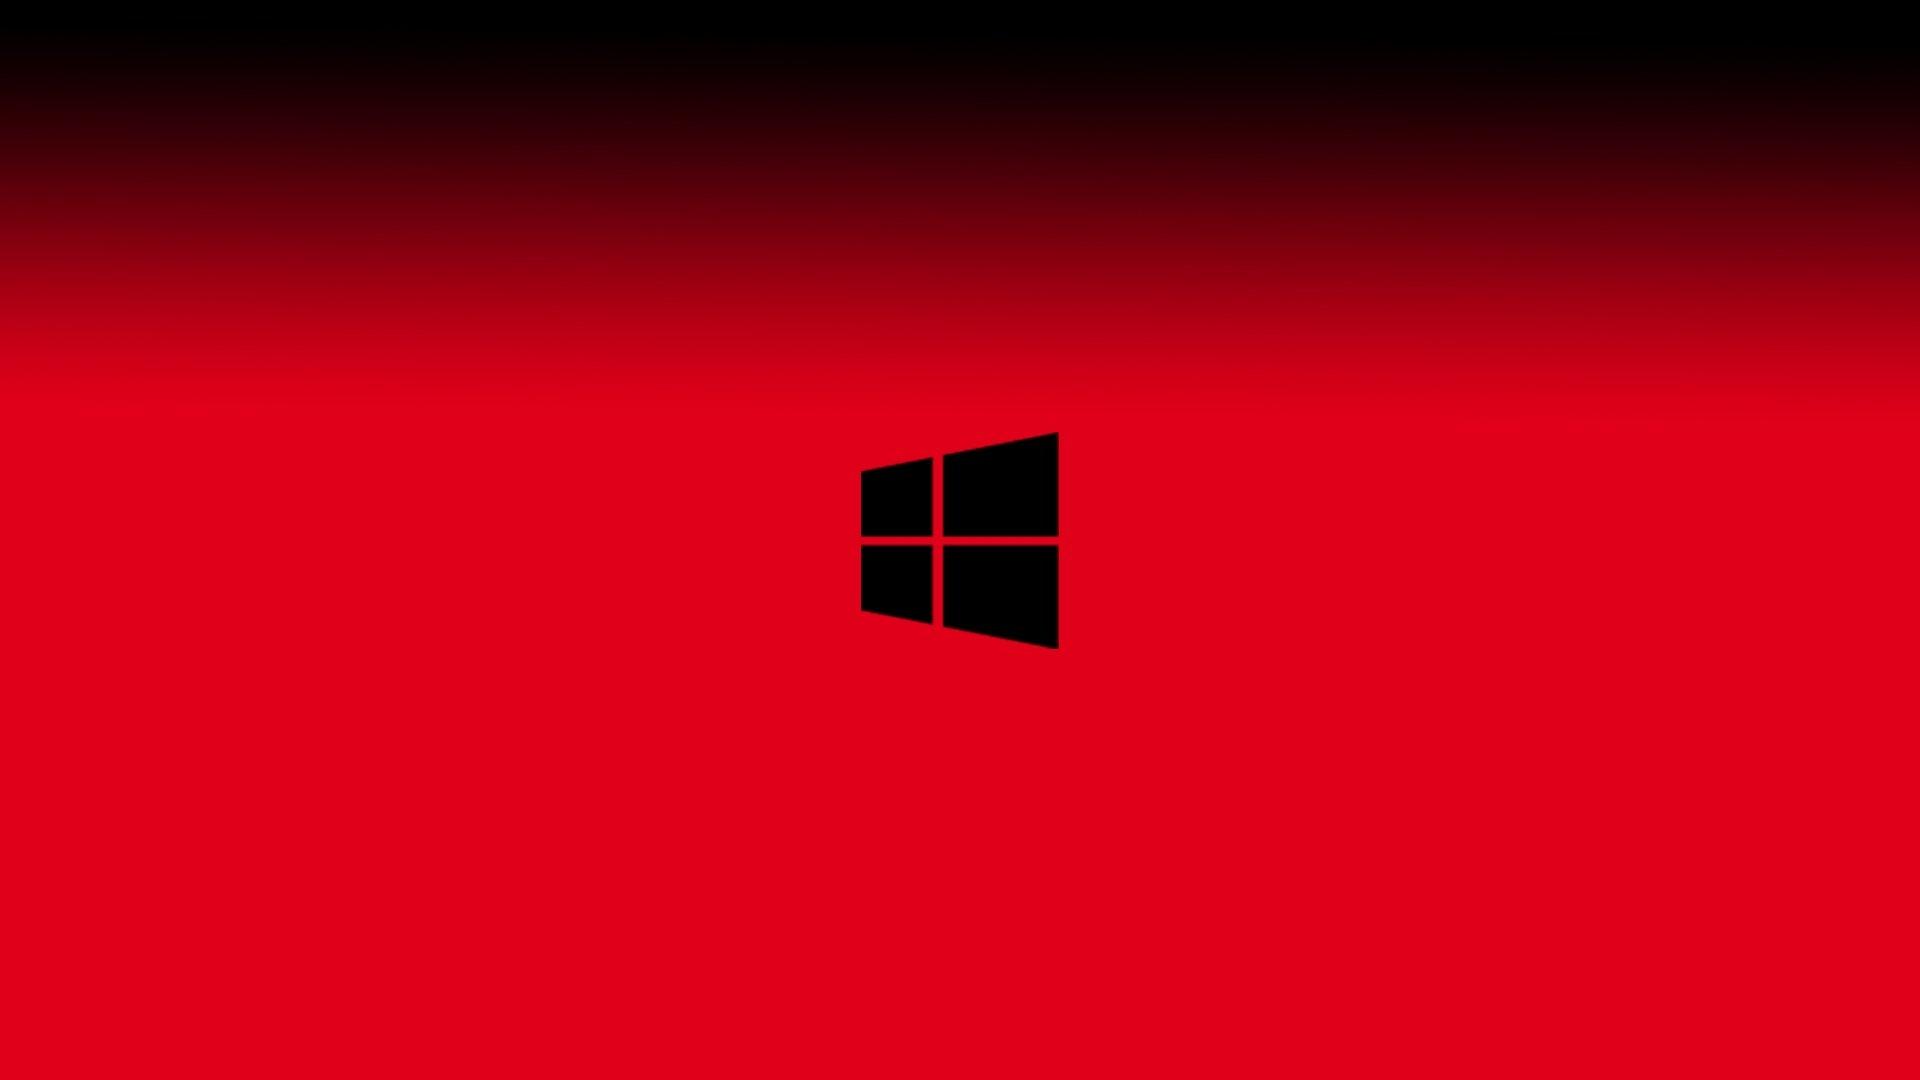 Windows vermelho